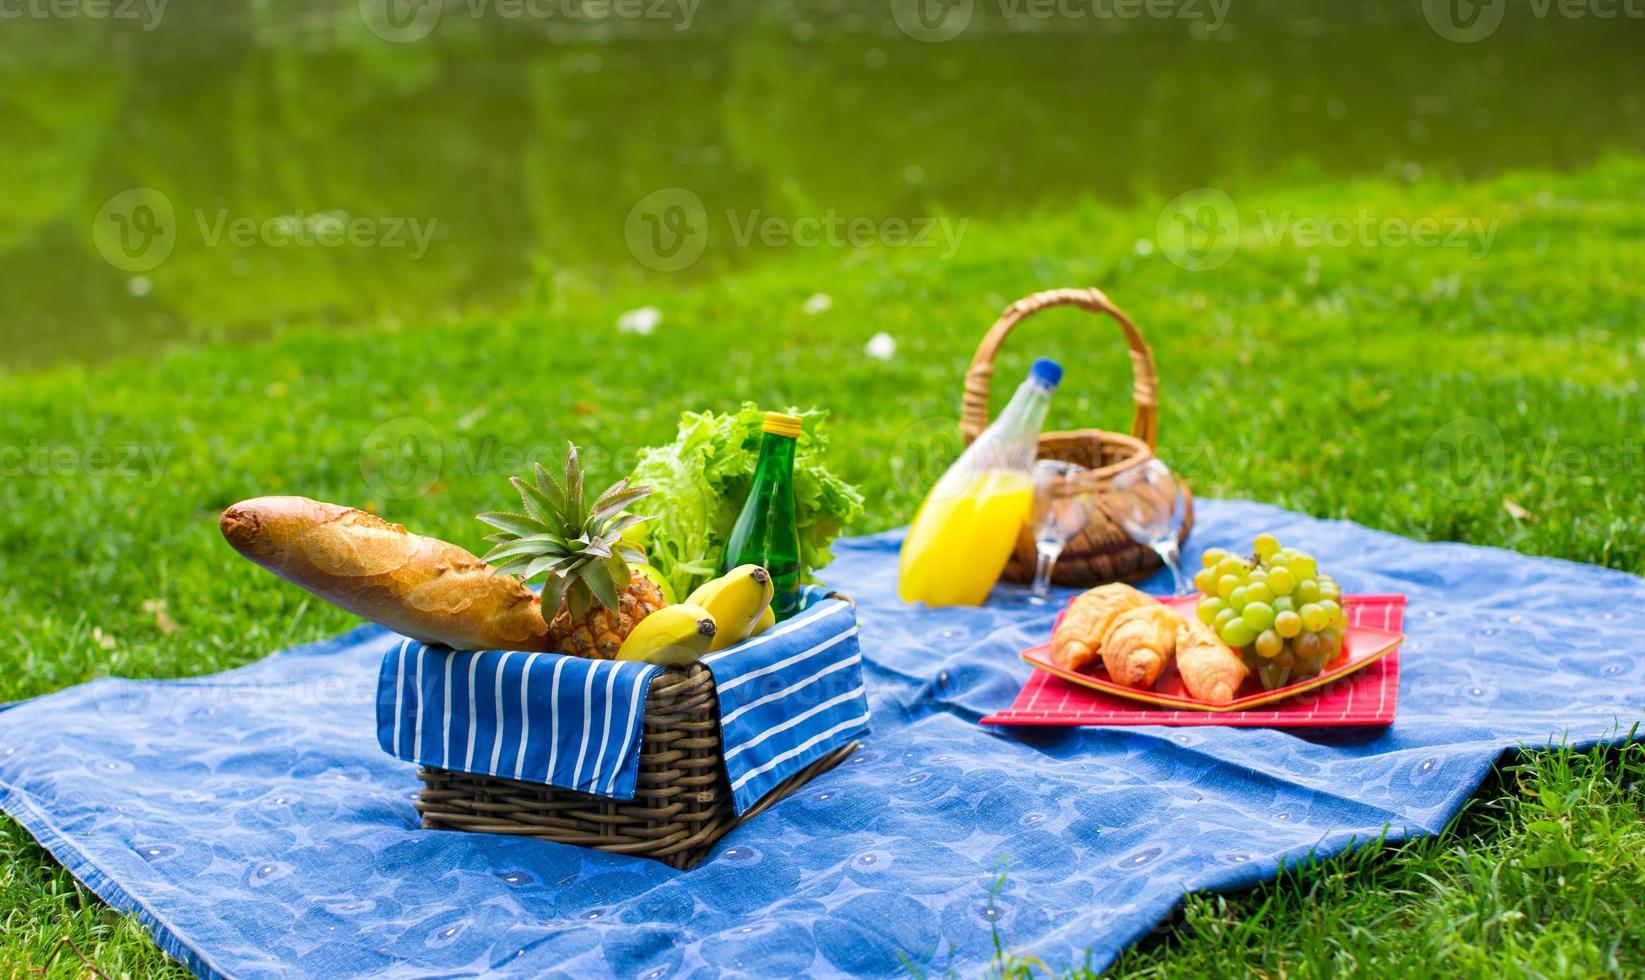 cesta de piquenique com frutas, pão e garrafa de vinho branco foto